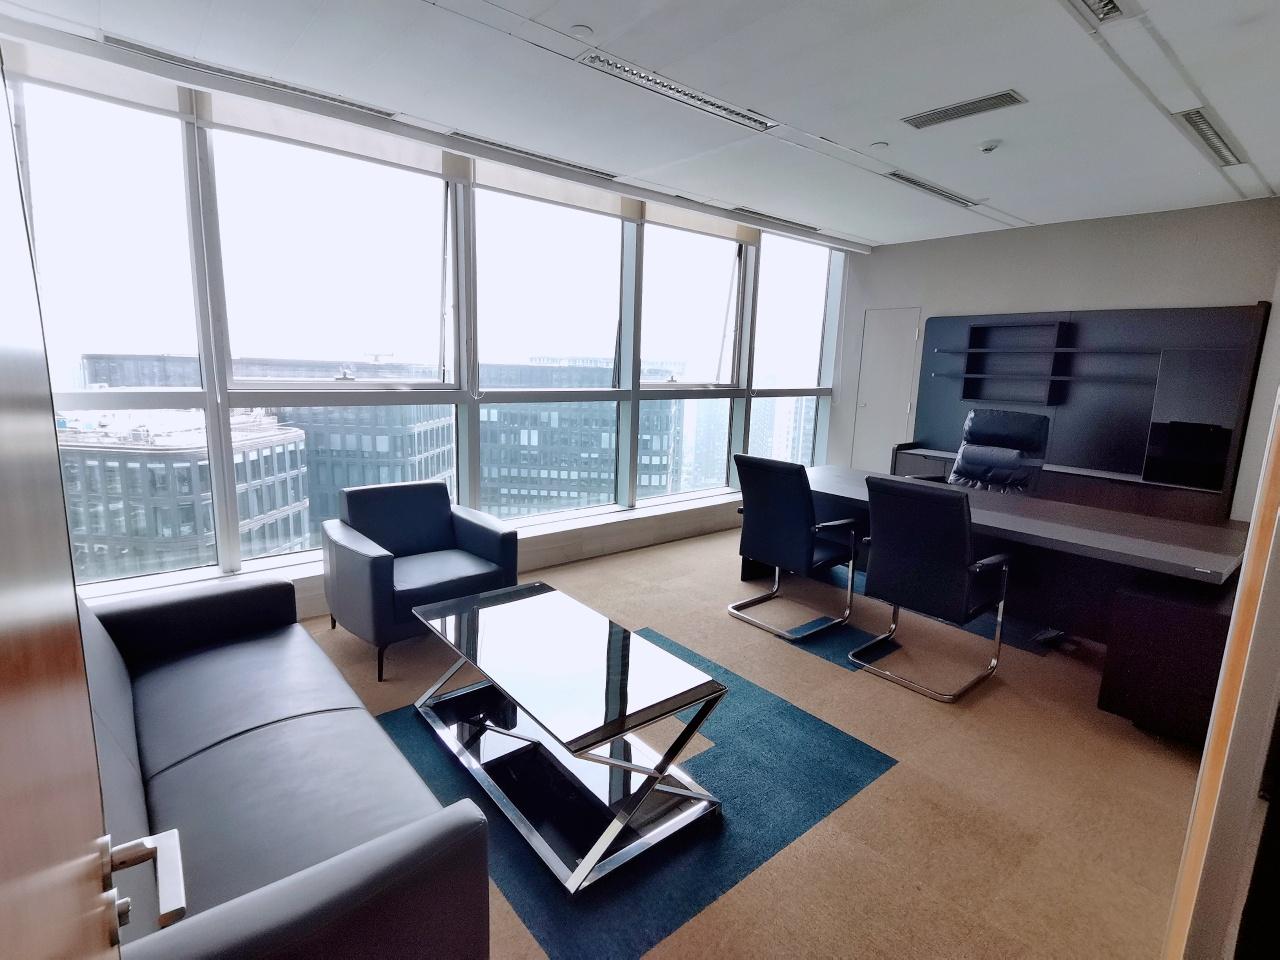 世纪城 希顿国际368平米 顶层视野 大气接待室 高新区写字楼 高新区办公室 租小团